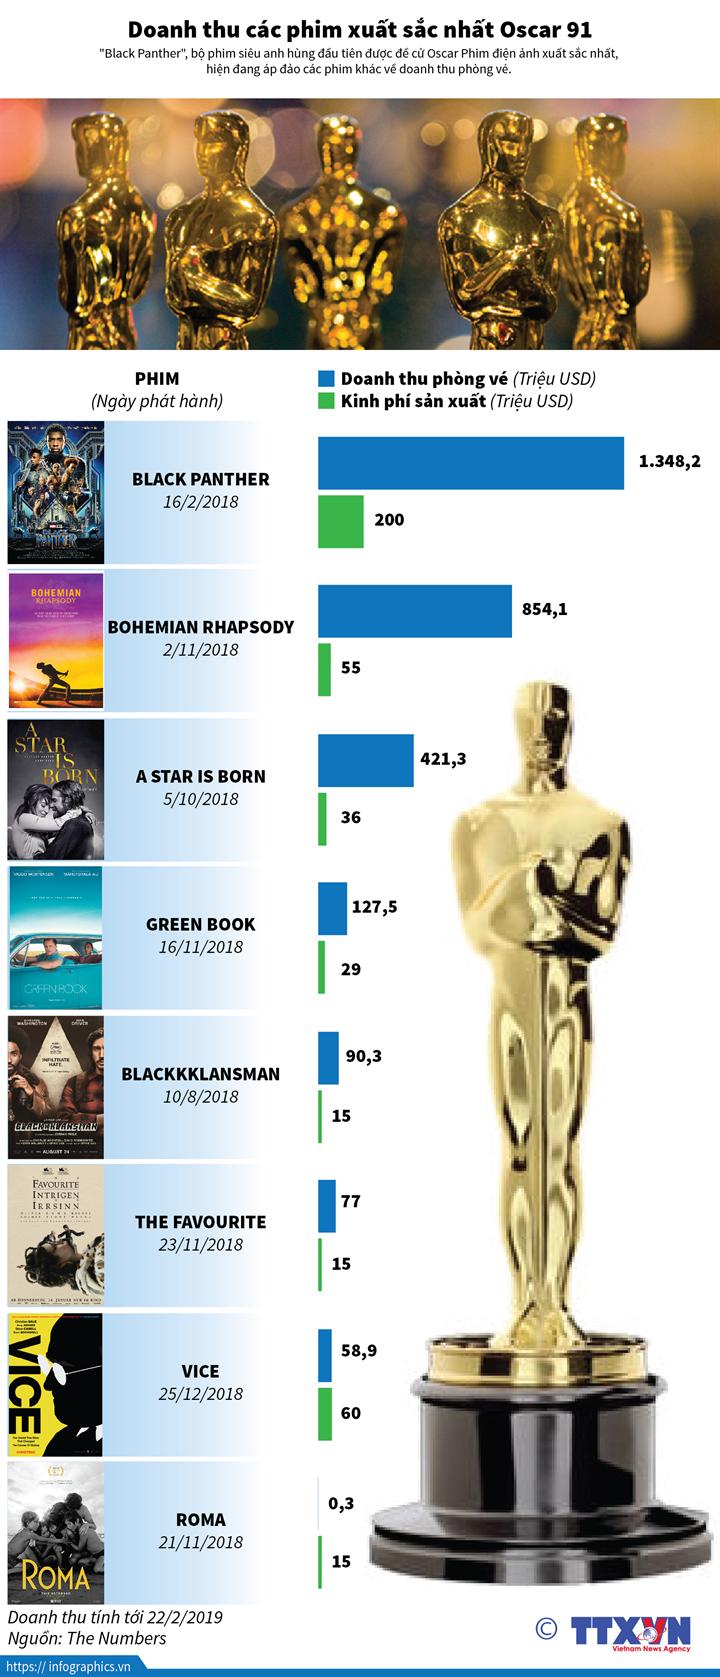 Doanh thu các phim xuất sắc nhất Oscar 91